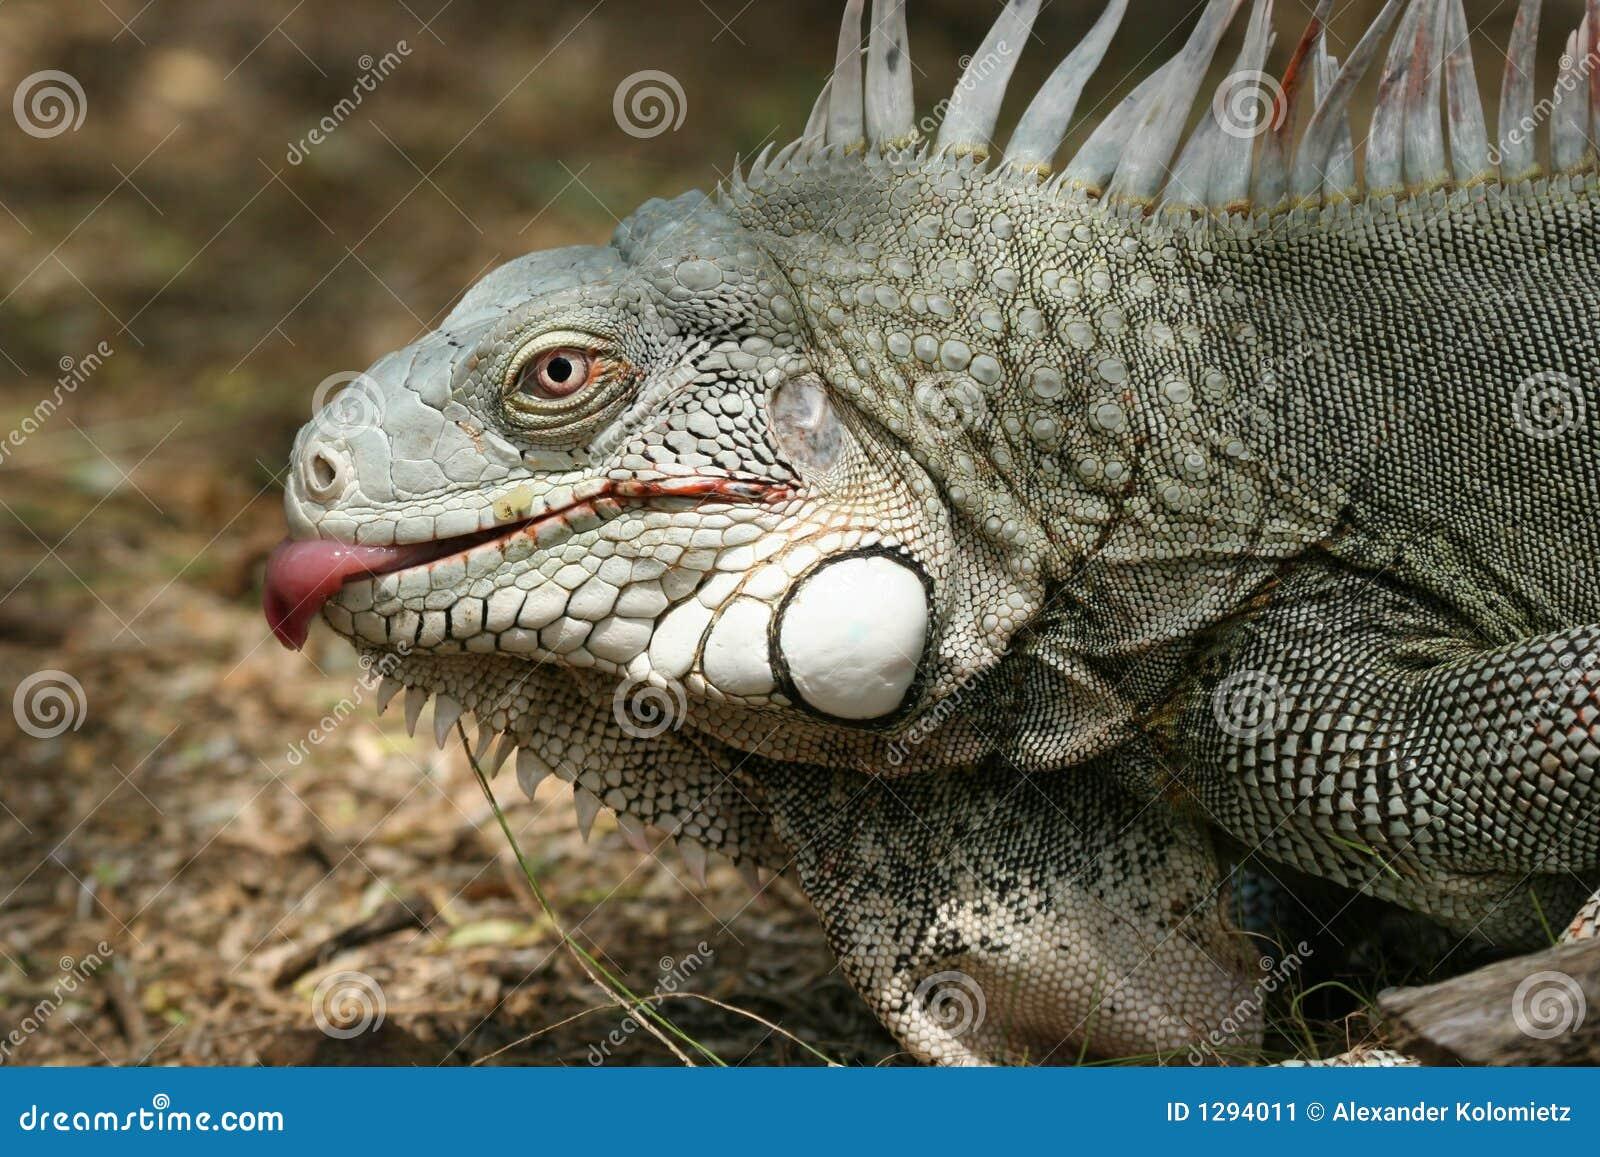 Lamedura de la iguana